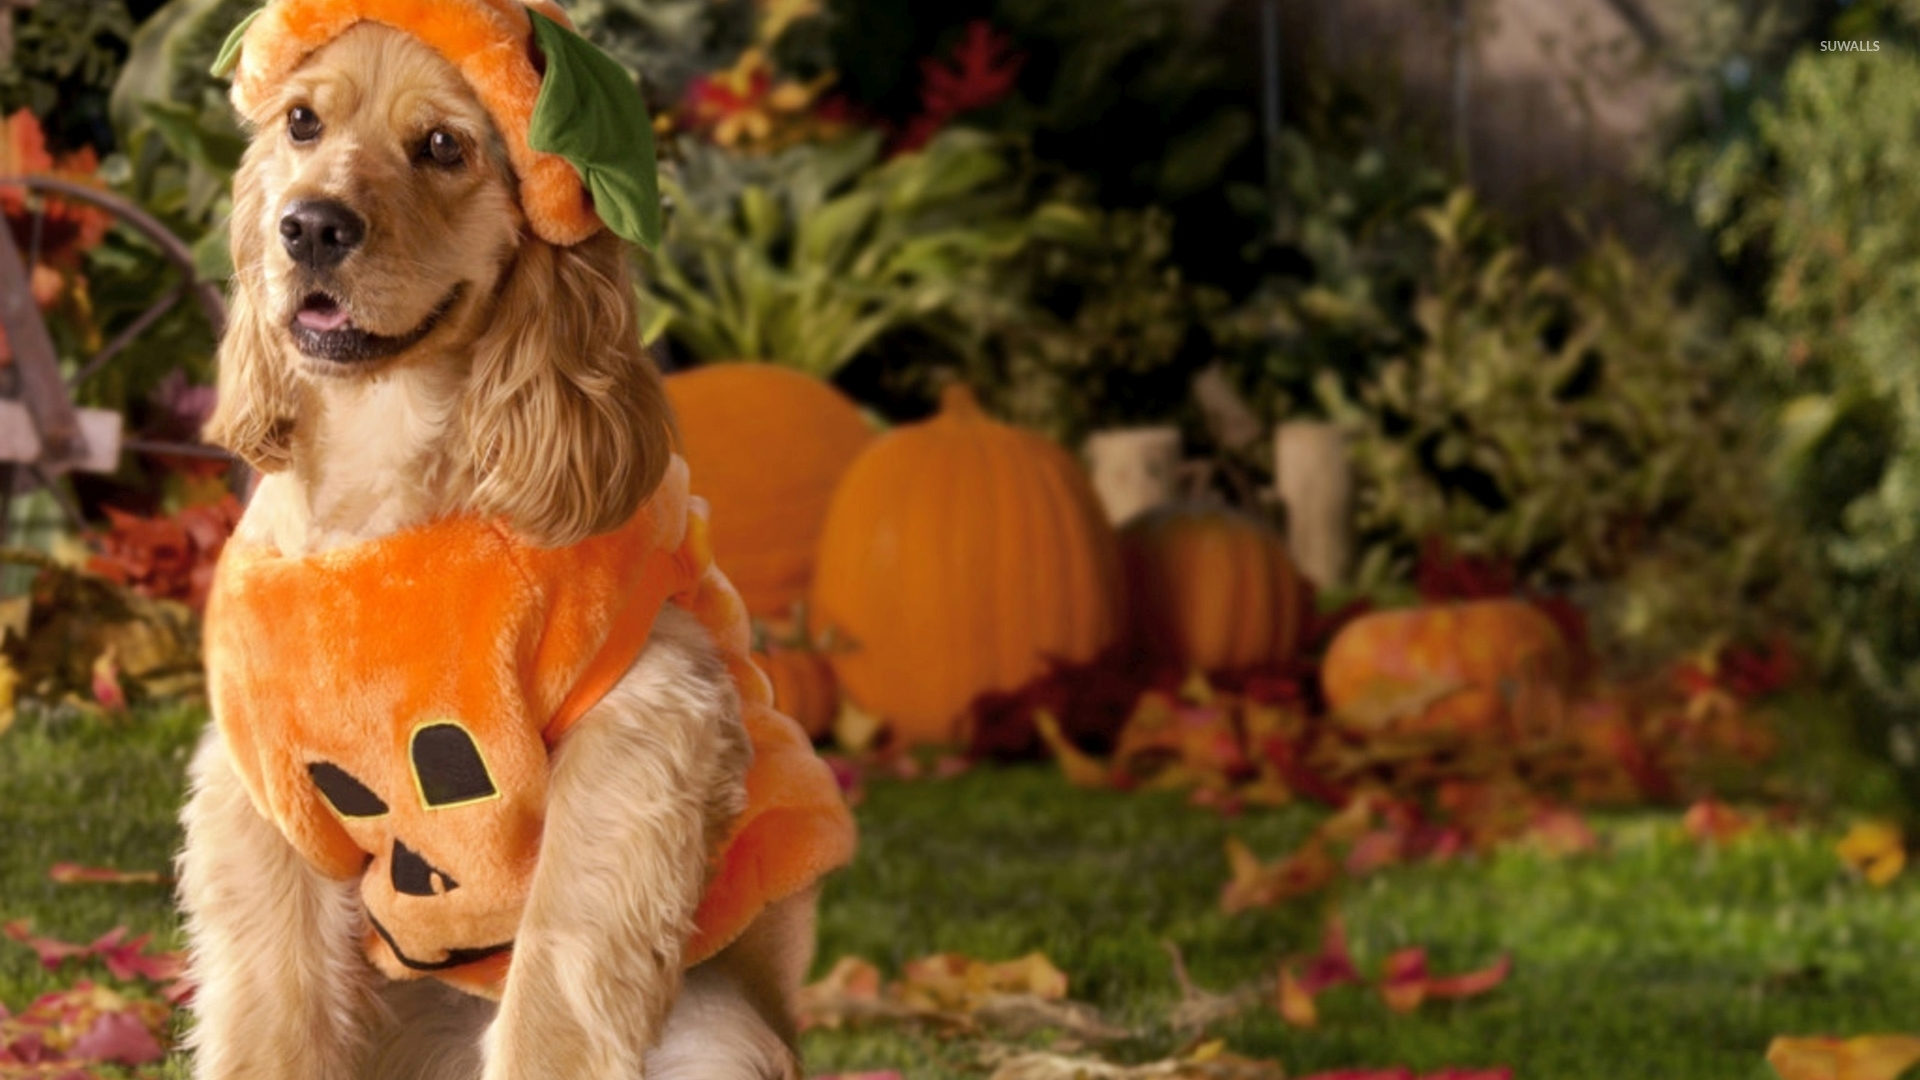 Fall Desktop Wallpaper With Pumpkins Dog Dressed As A Pumpkin Wallpaper Holiday Wallpapers